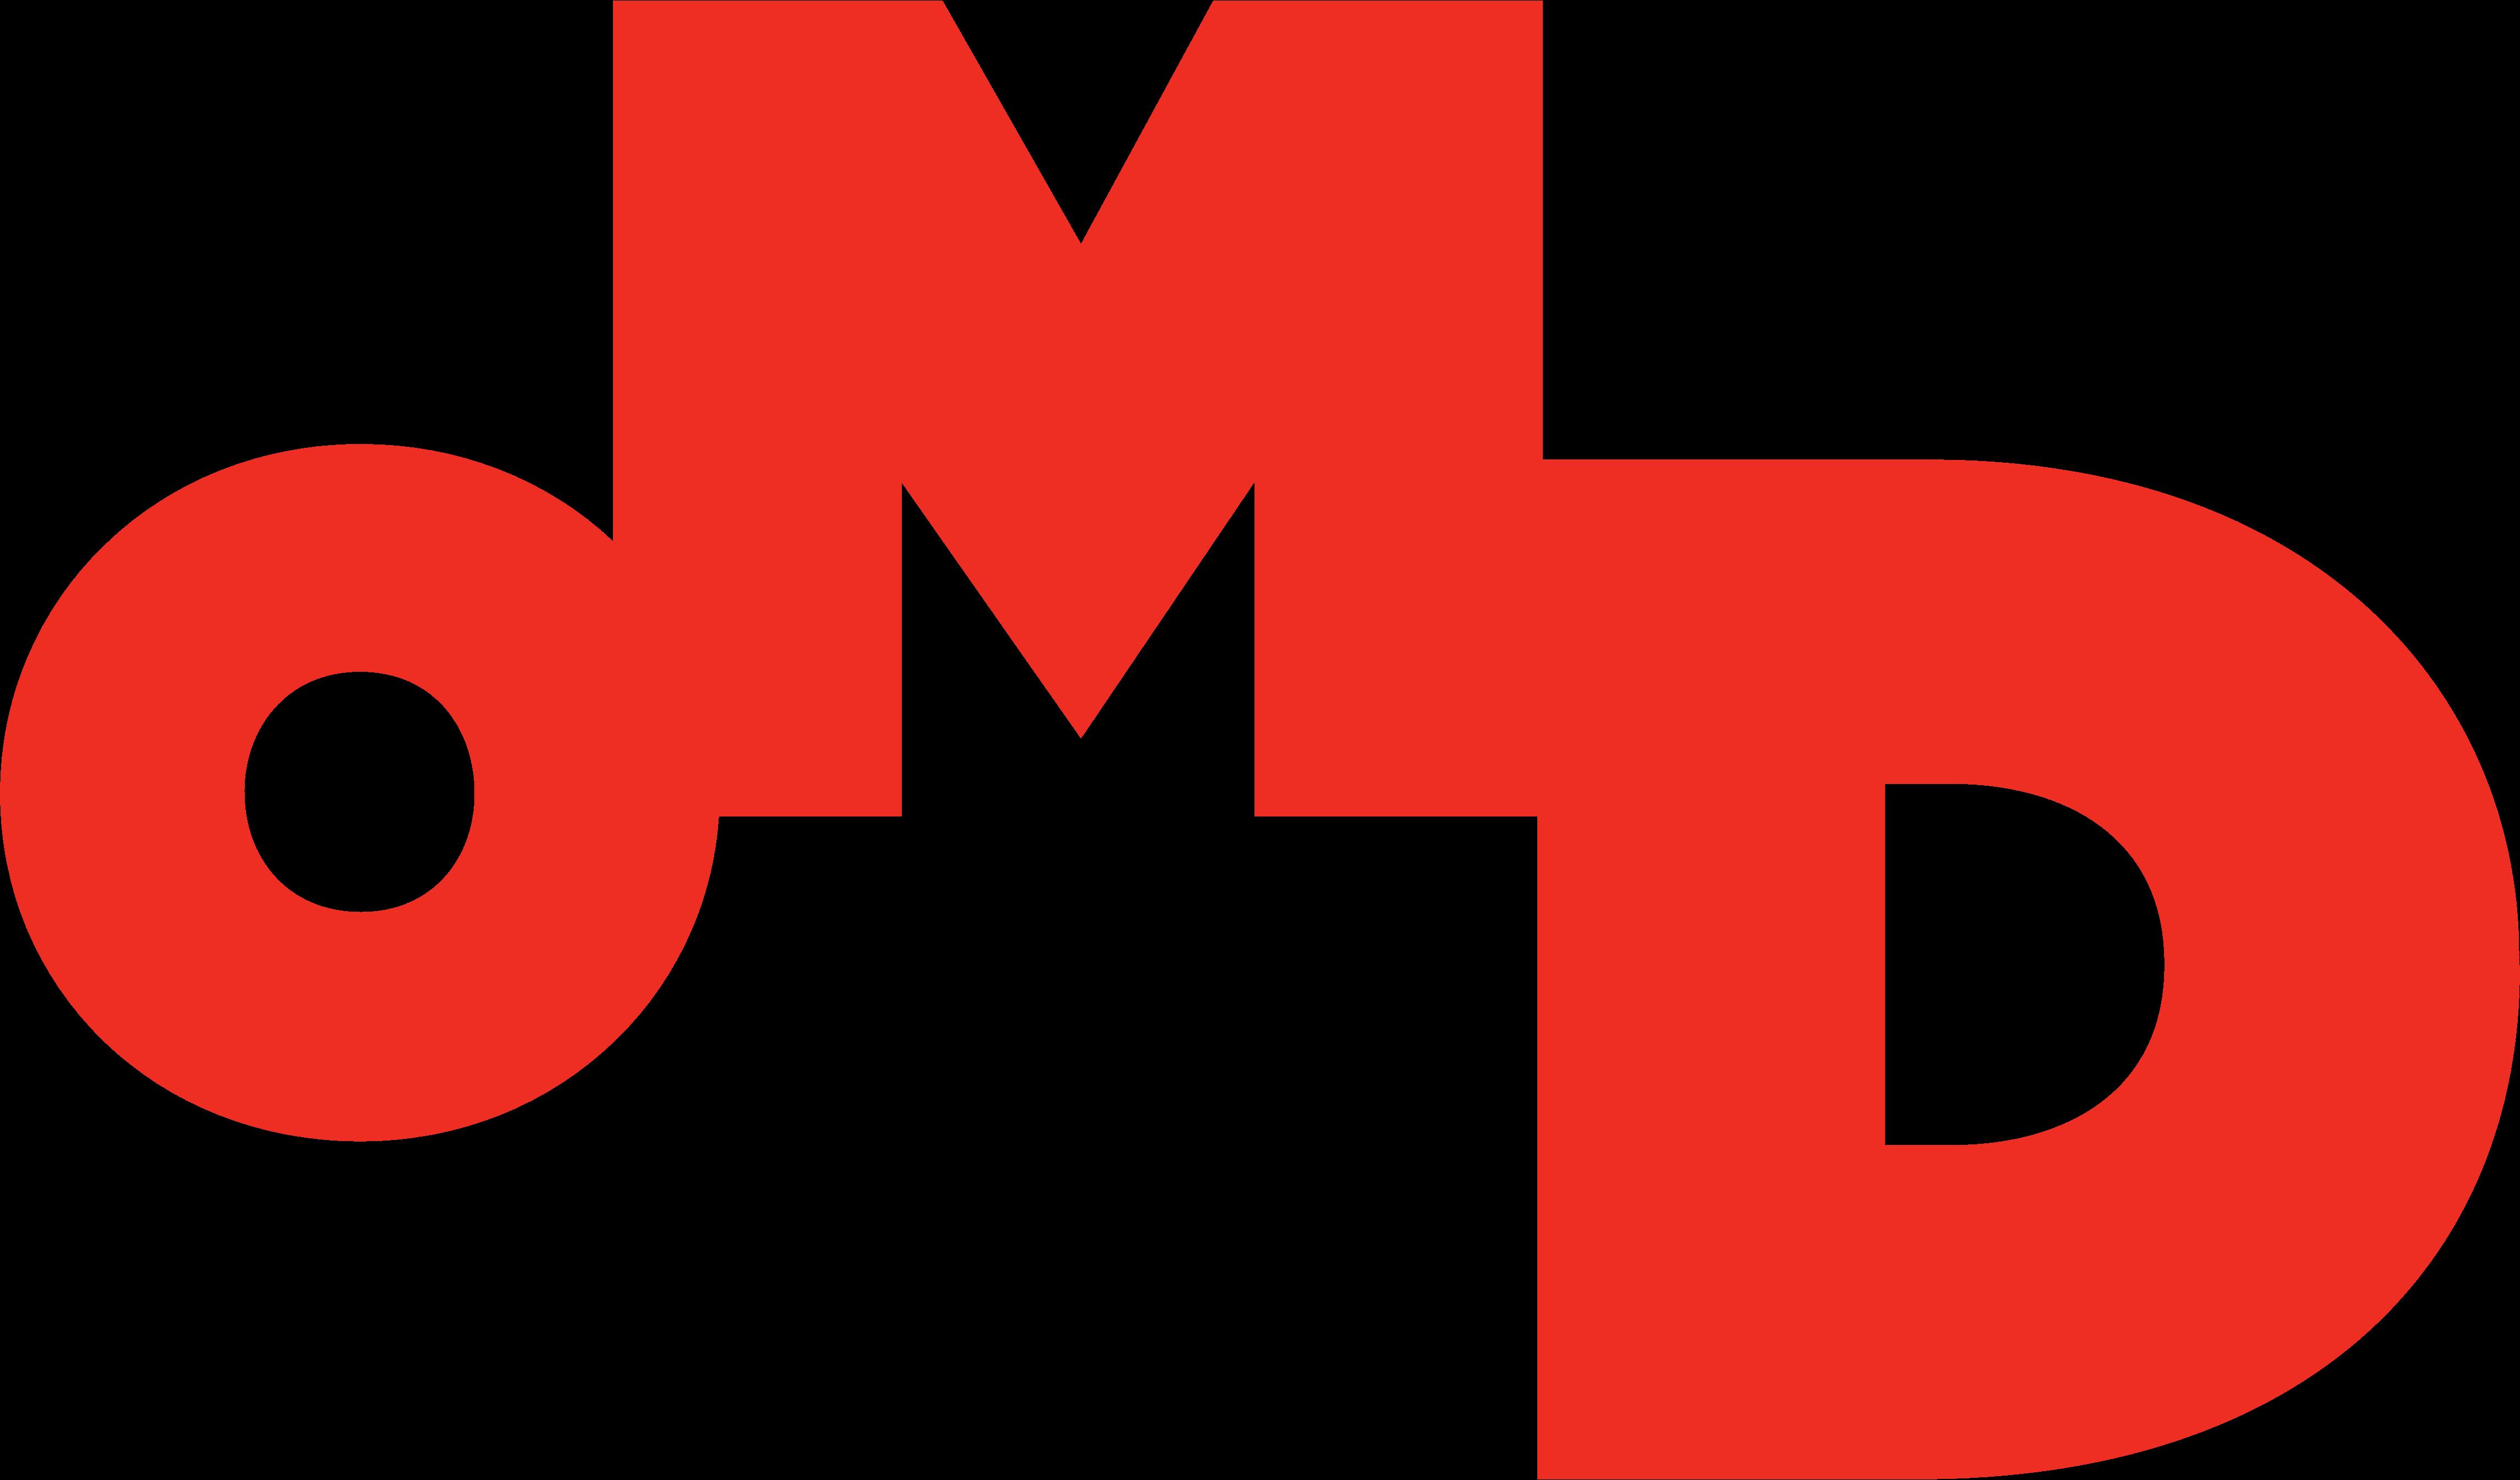 Omnicom logo png